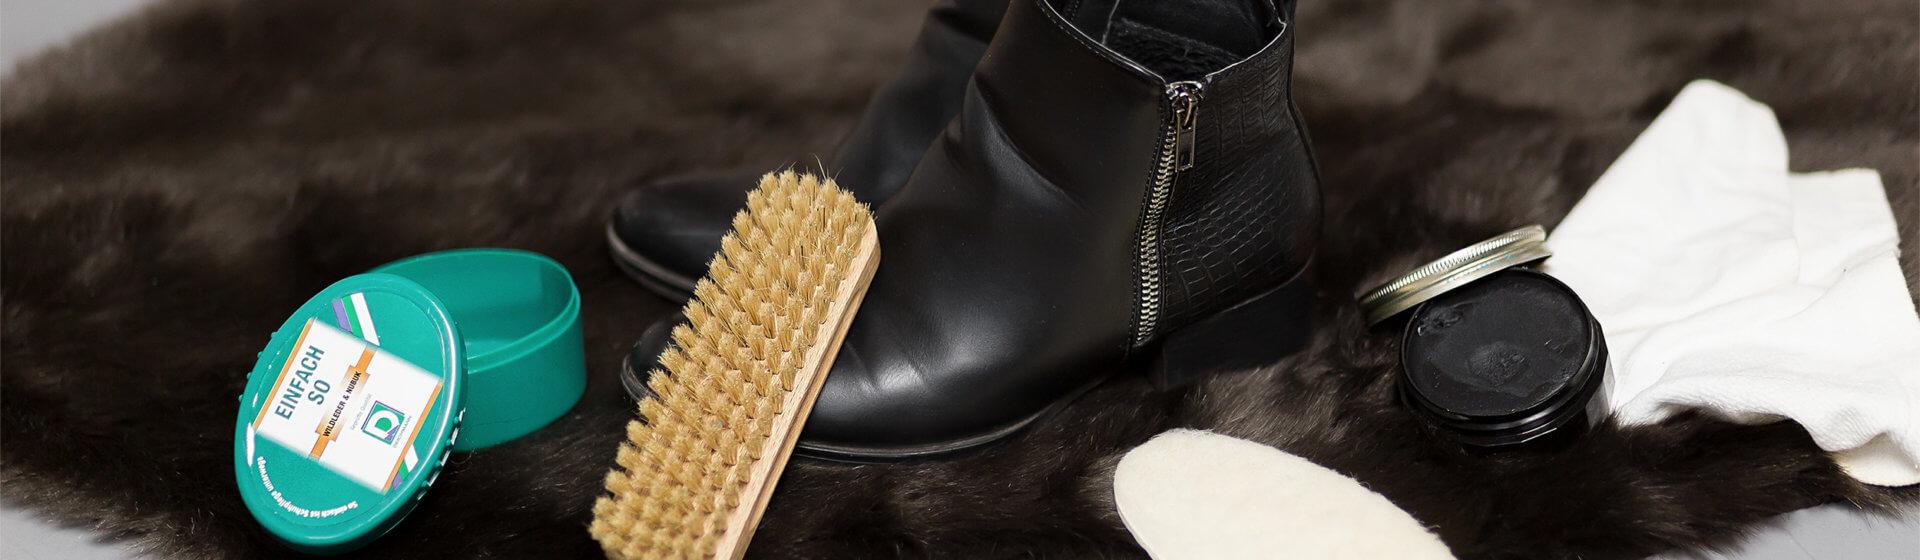 Schuhe winterfest machen, Schuhpflege im Winter, Schuh Hacks, Shoelove by Deichmann